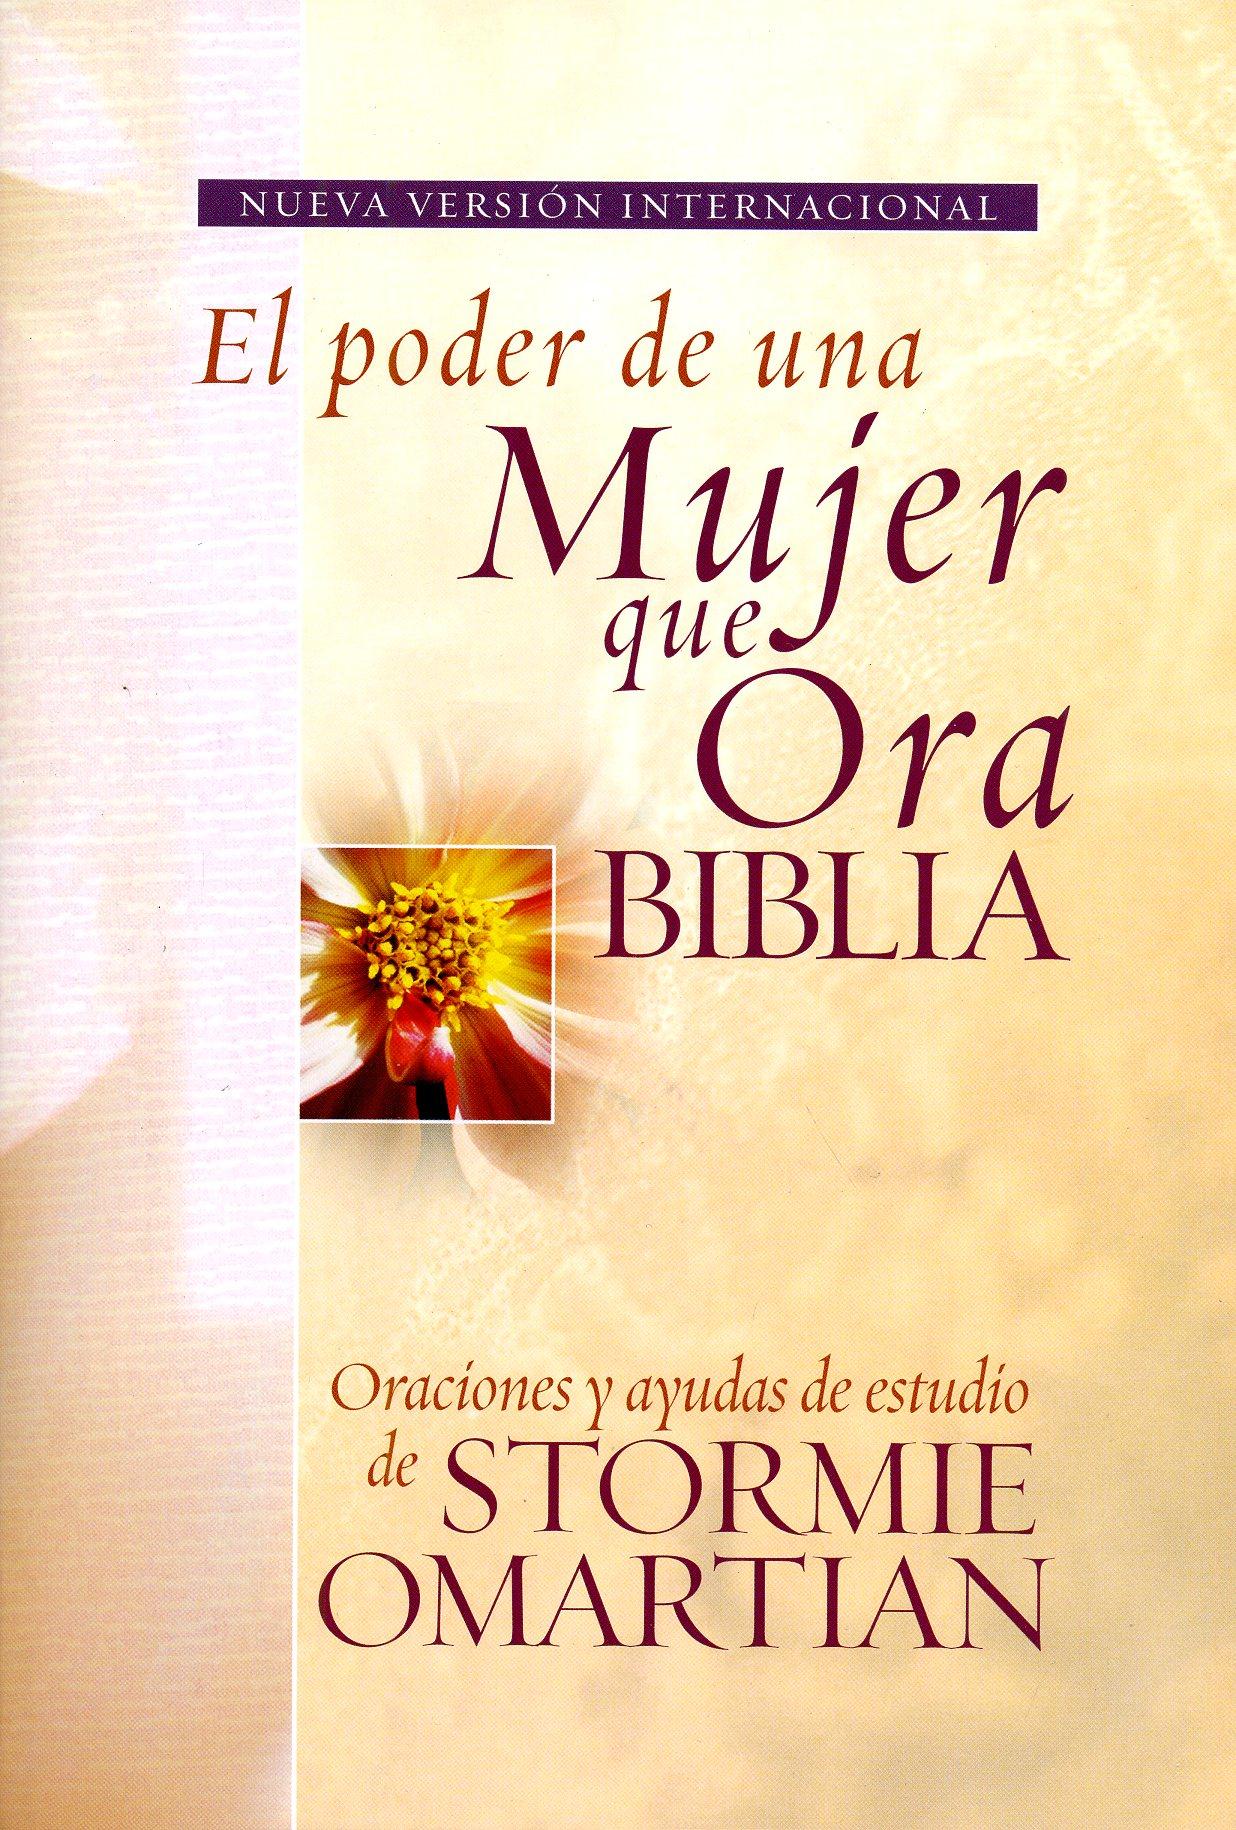 Biblia El poder de una mujer que Ora